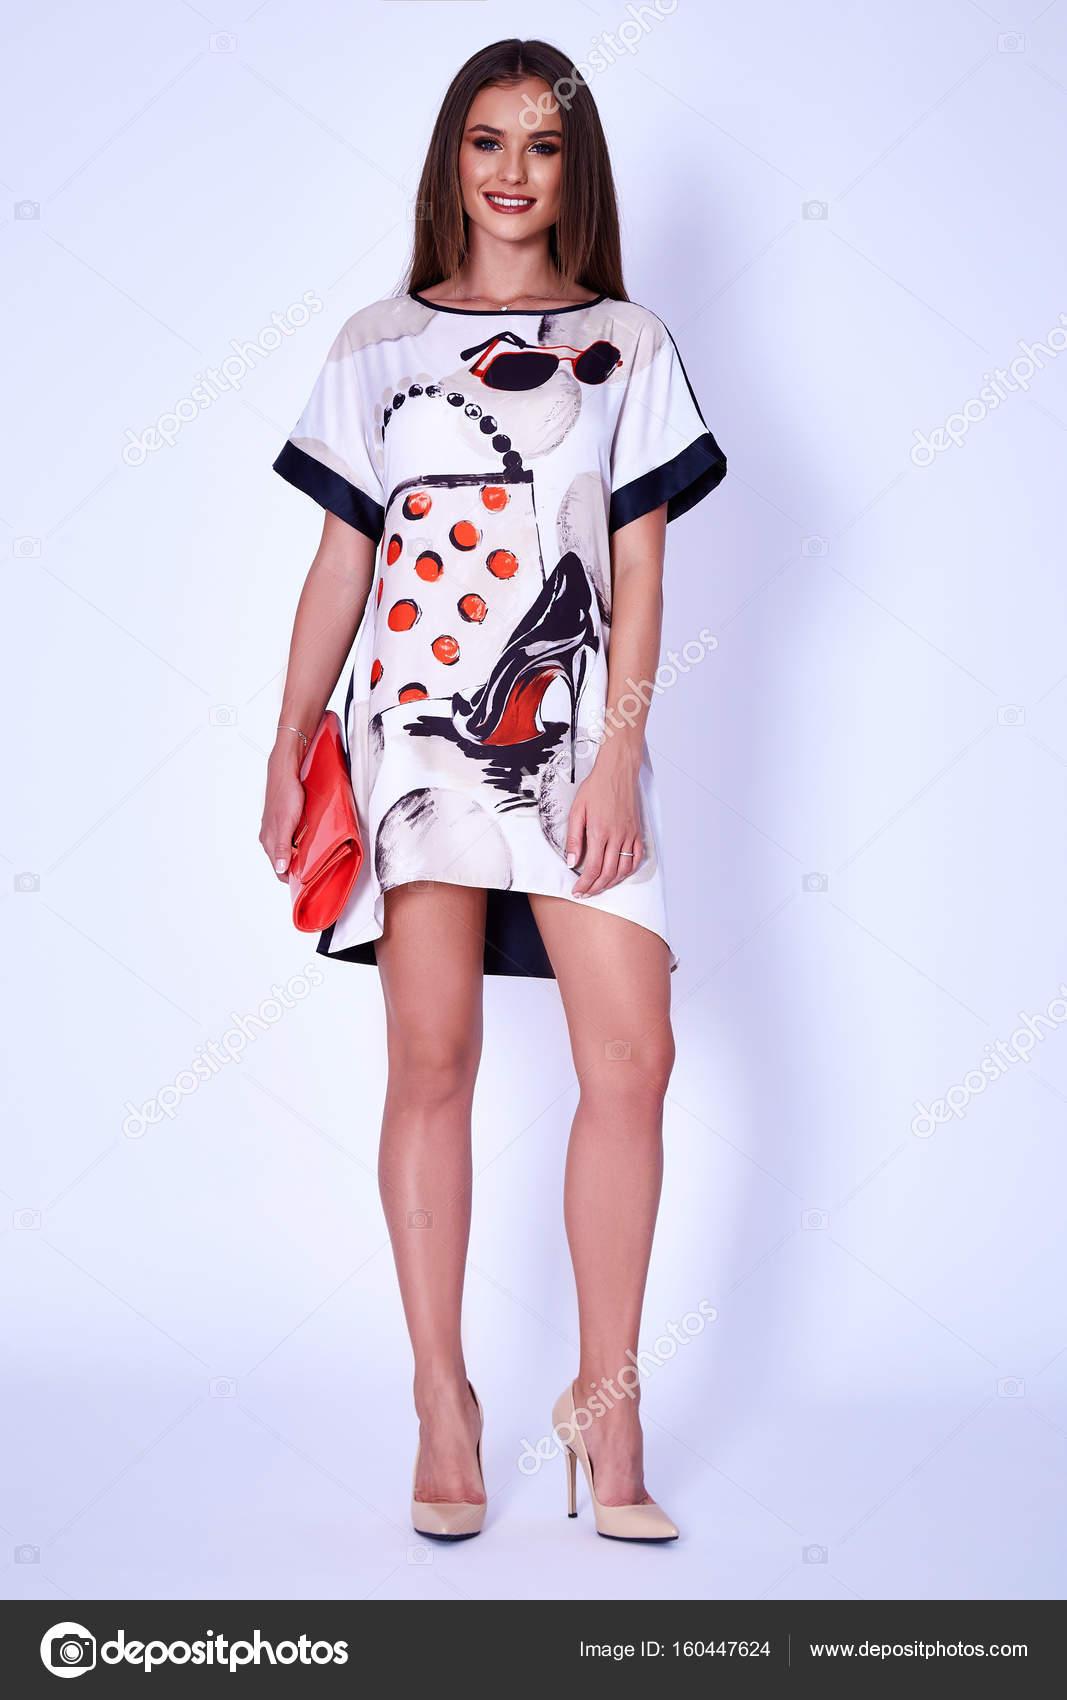 Schönheit Frau Modell tragen stilvolles Design Trend Kleidung Kleid ...